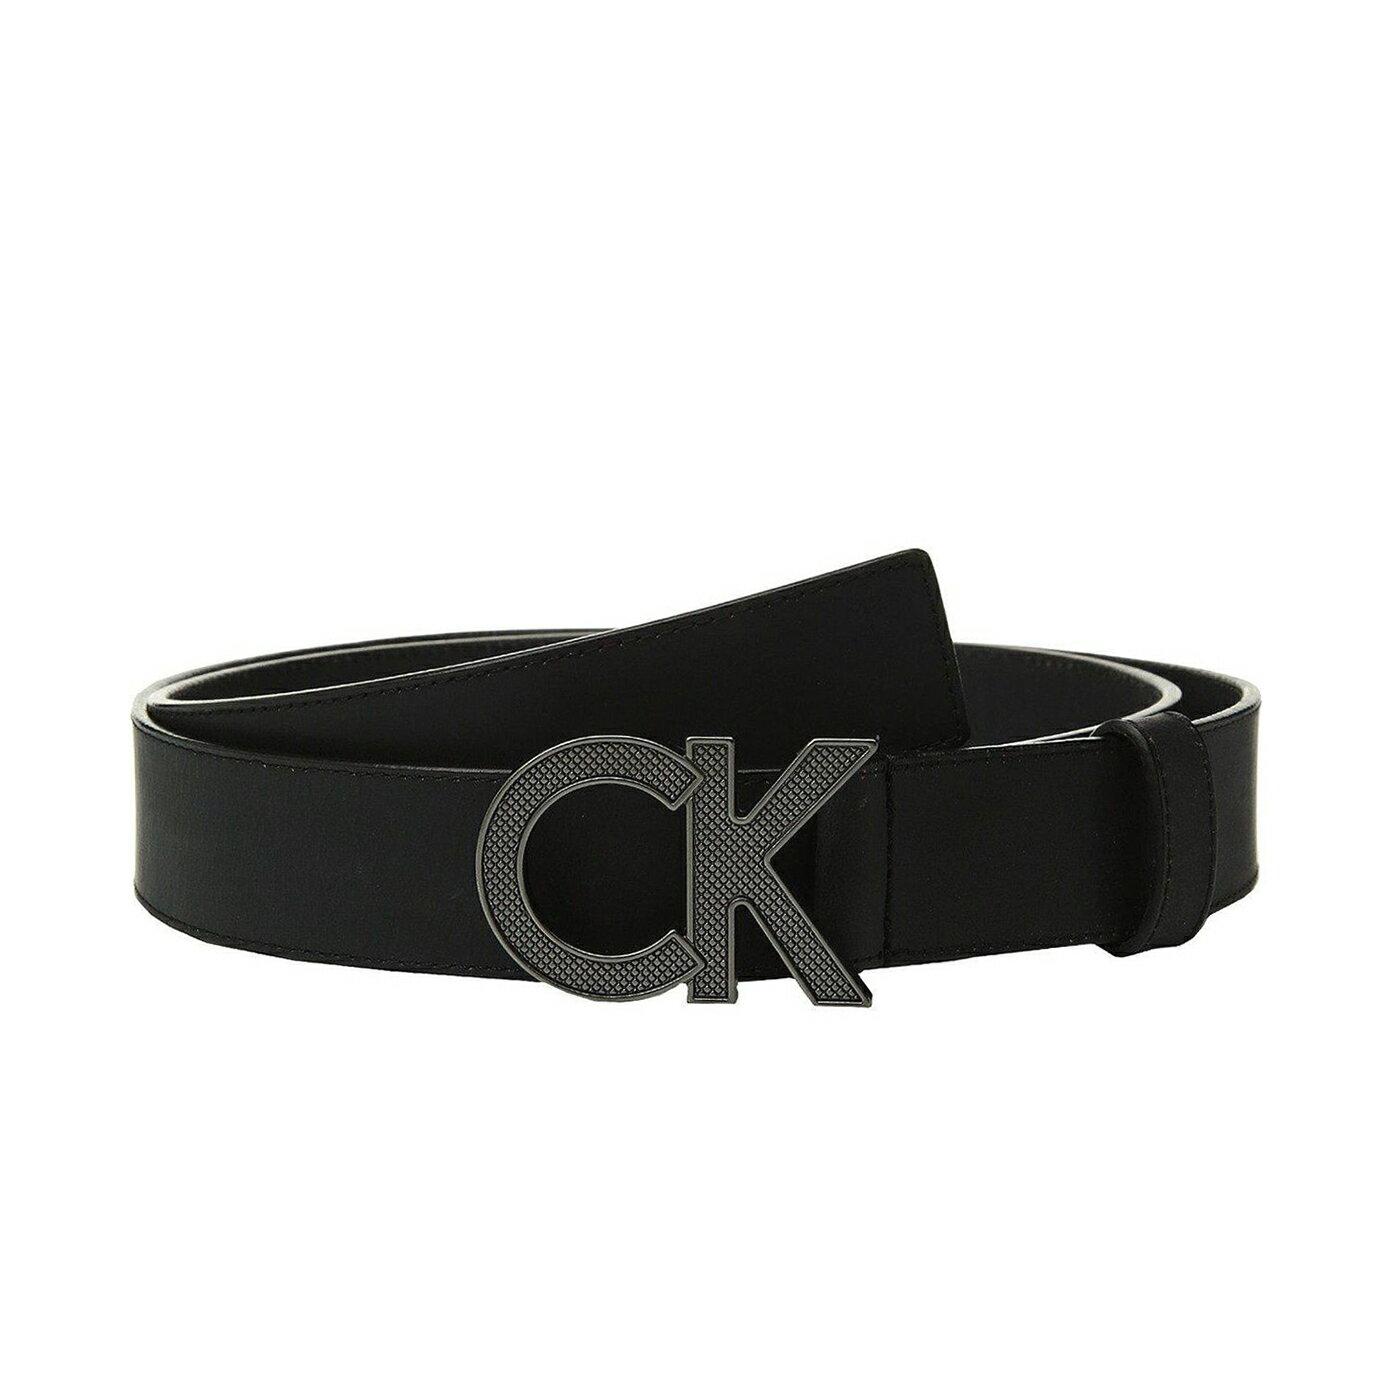 美國百分百【全新真品】Calvin Klein CK 男款 真皮 皮革 皮帶 腰帶 黑色 大尺碼 32-40腰 J115